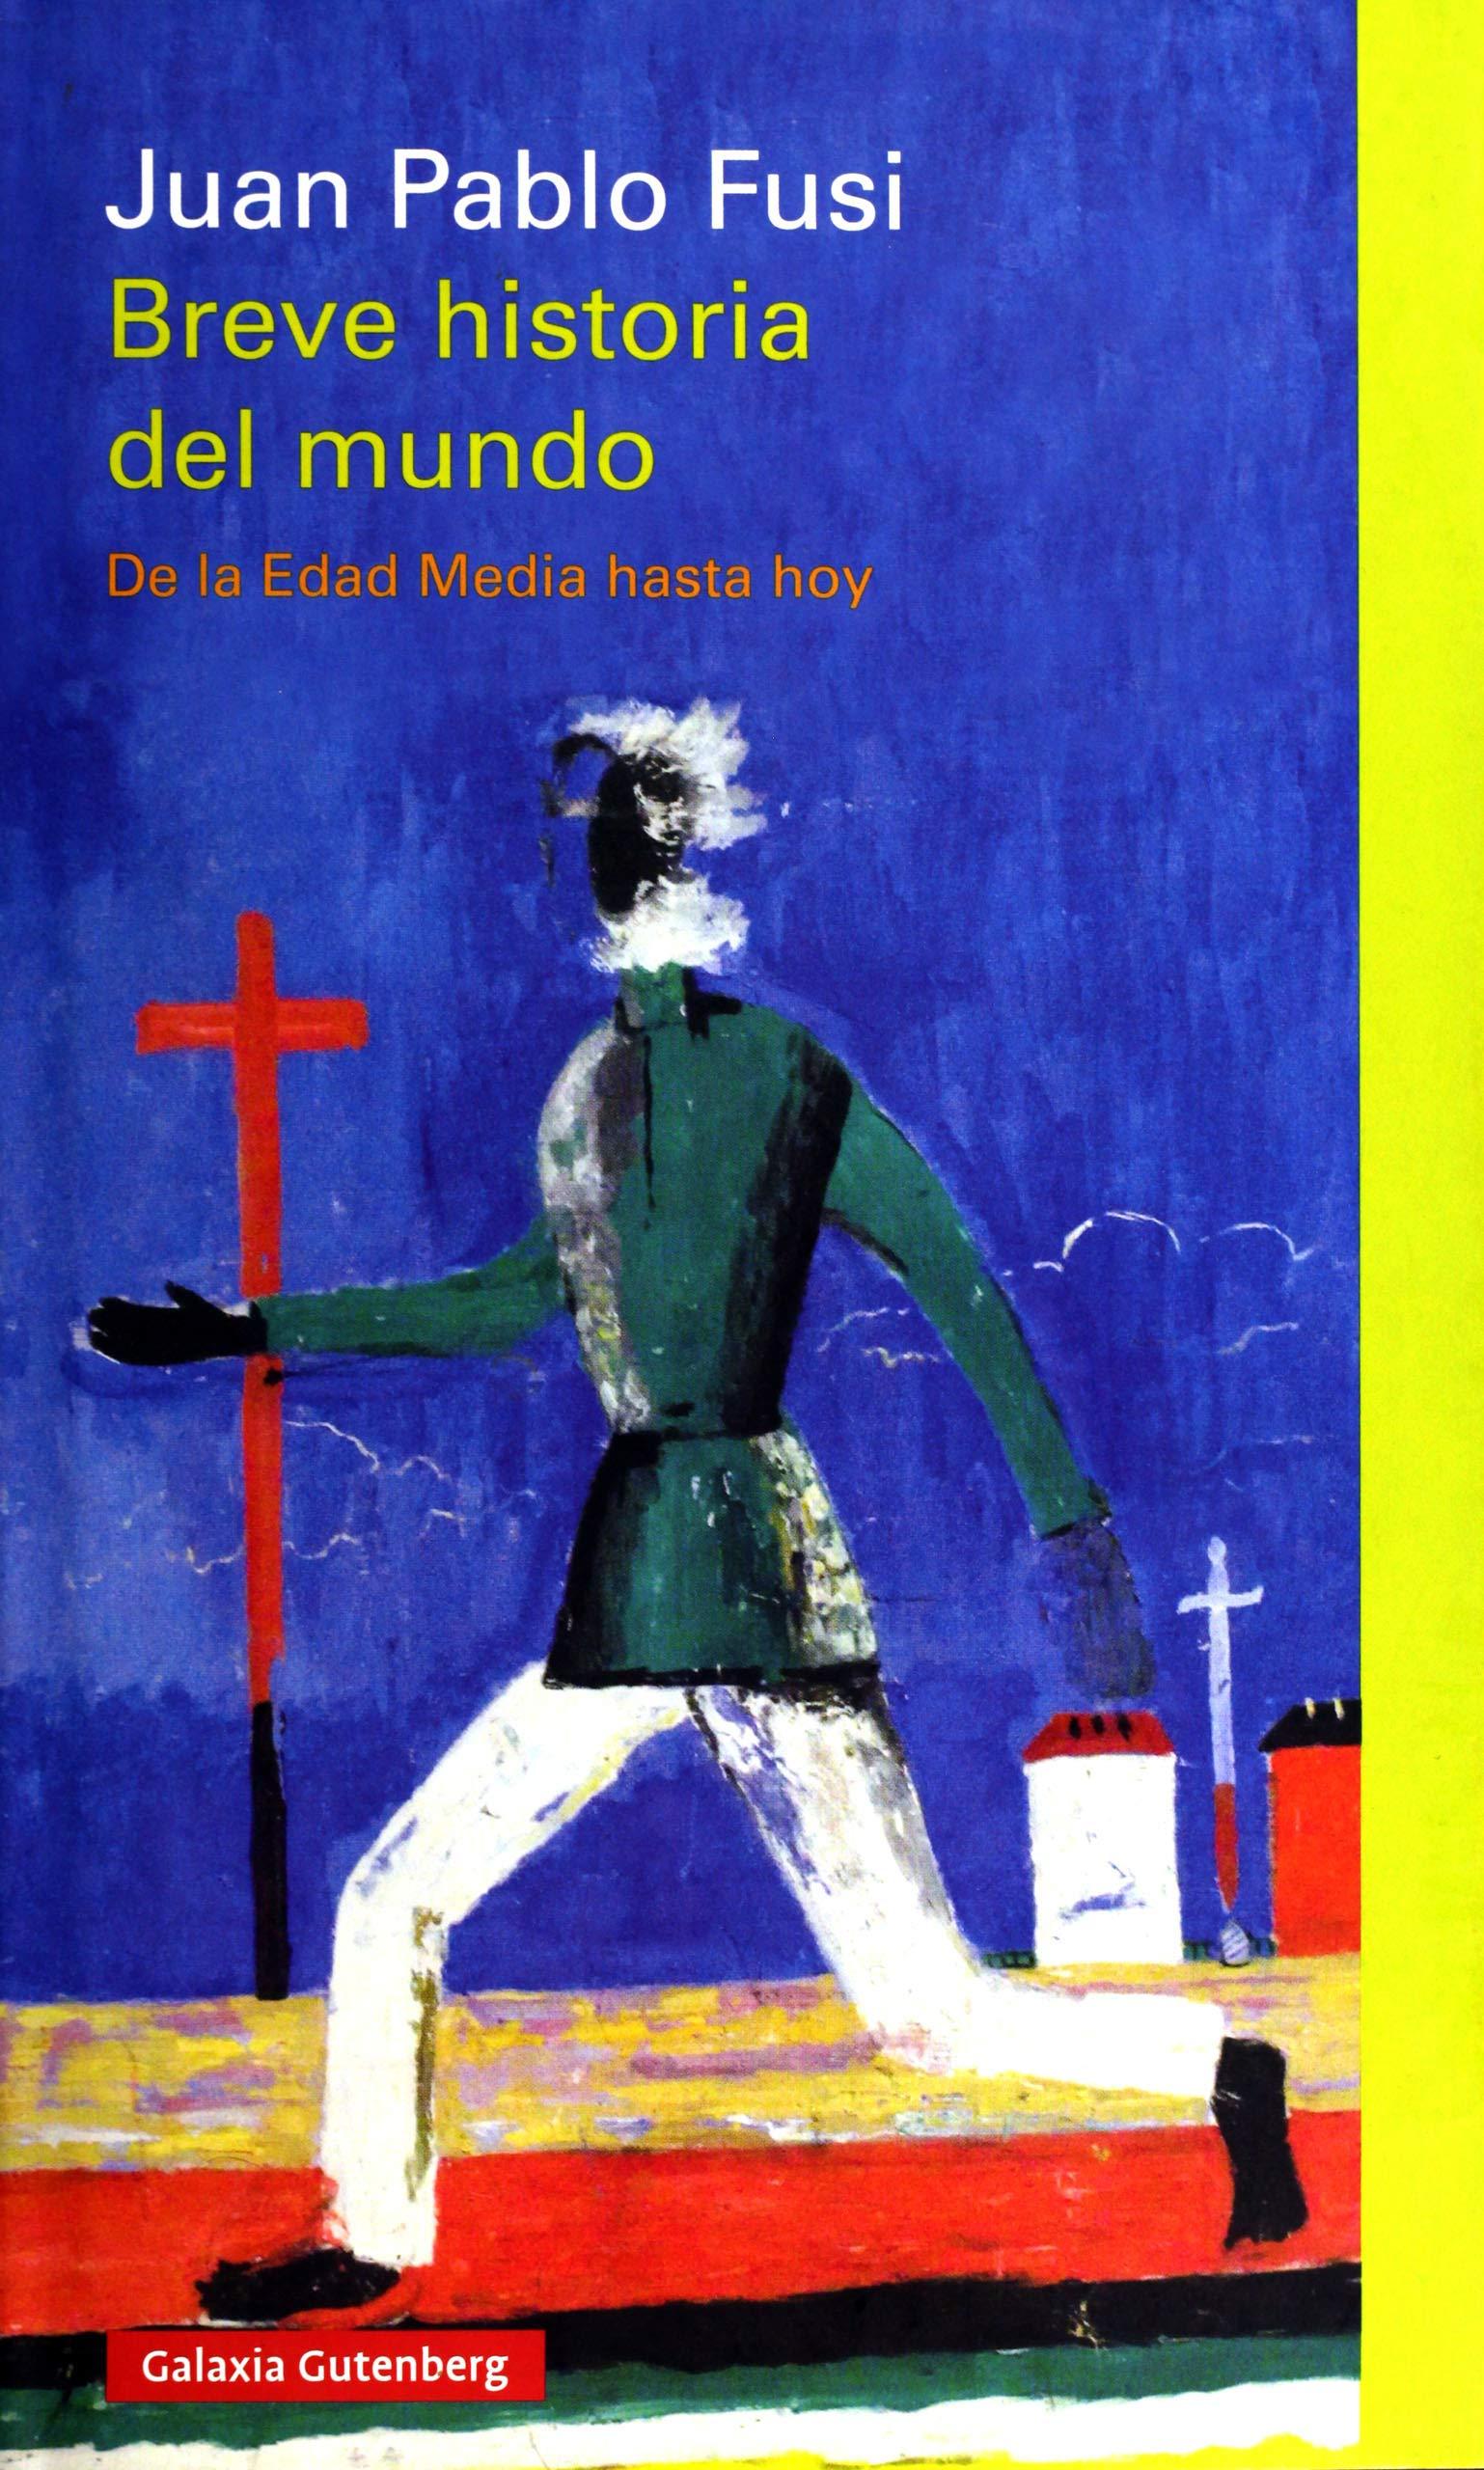 Breve historia del mundo: De la Edad Media hasta hoy: Amazon.es: Fusi, Juan Pablo: Libros